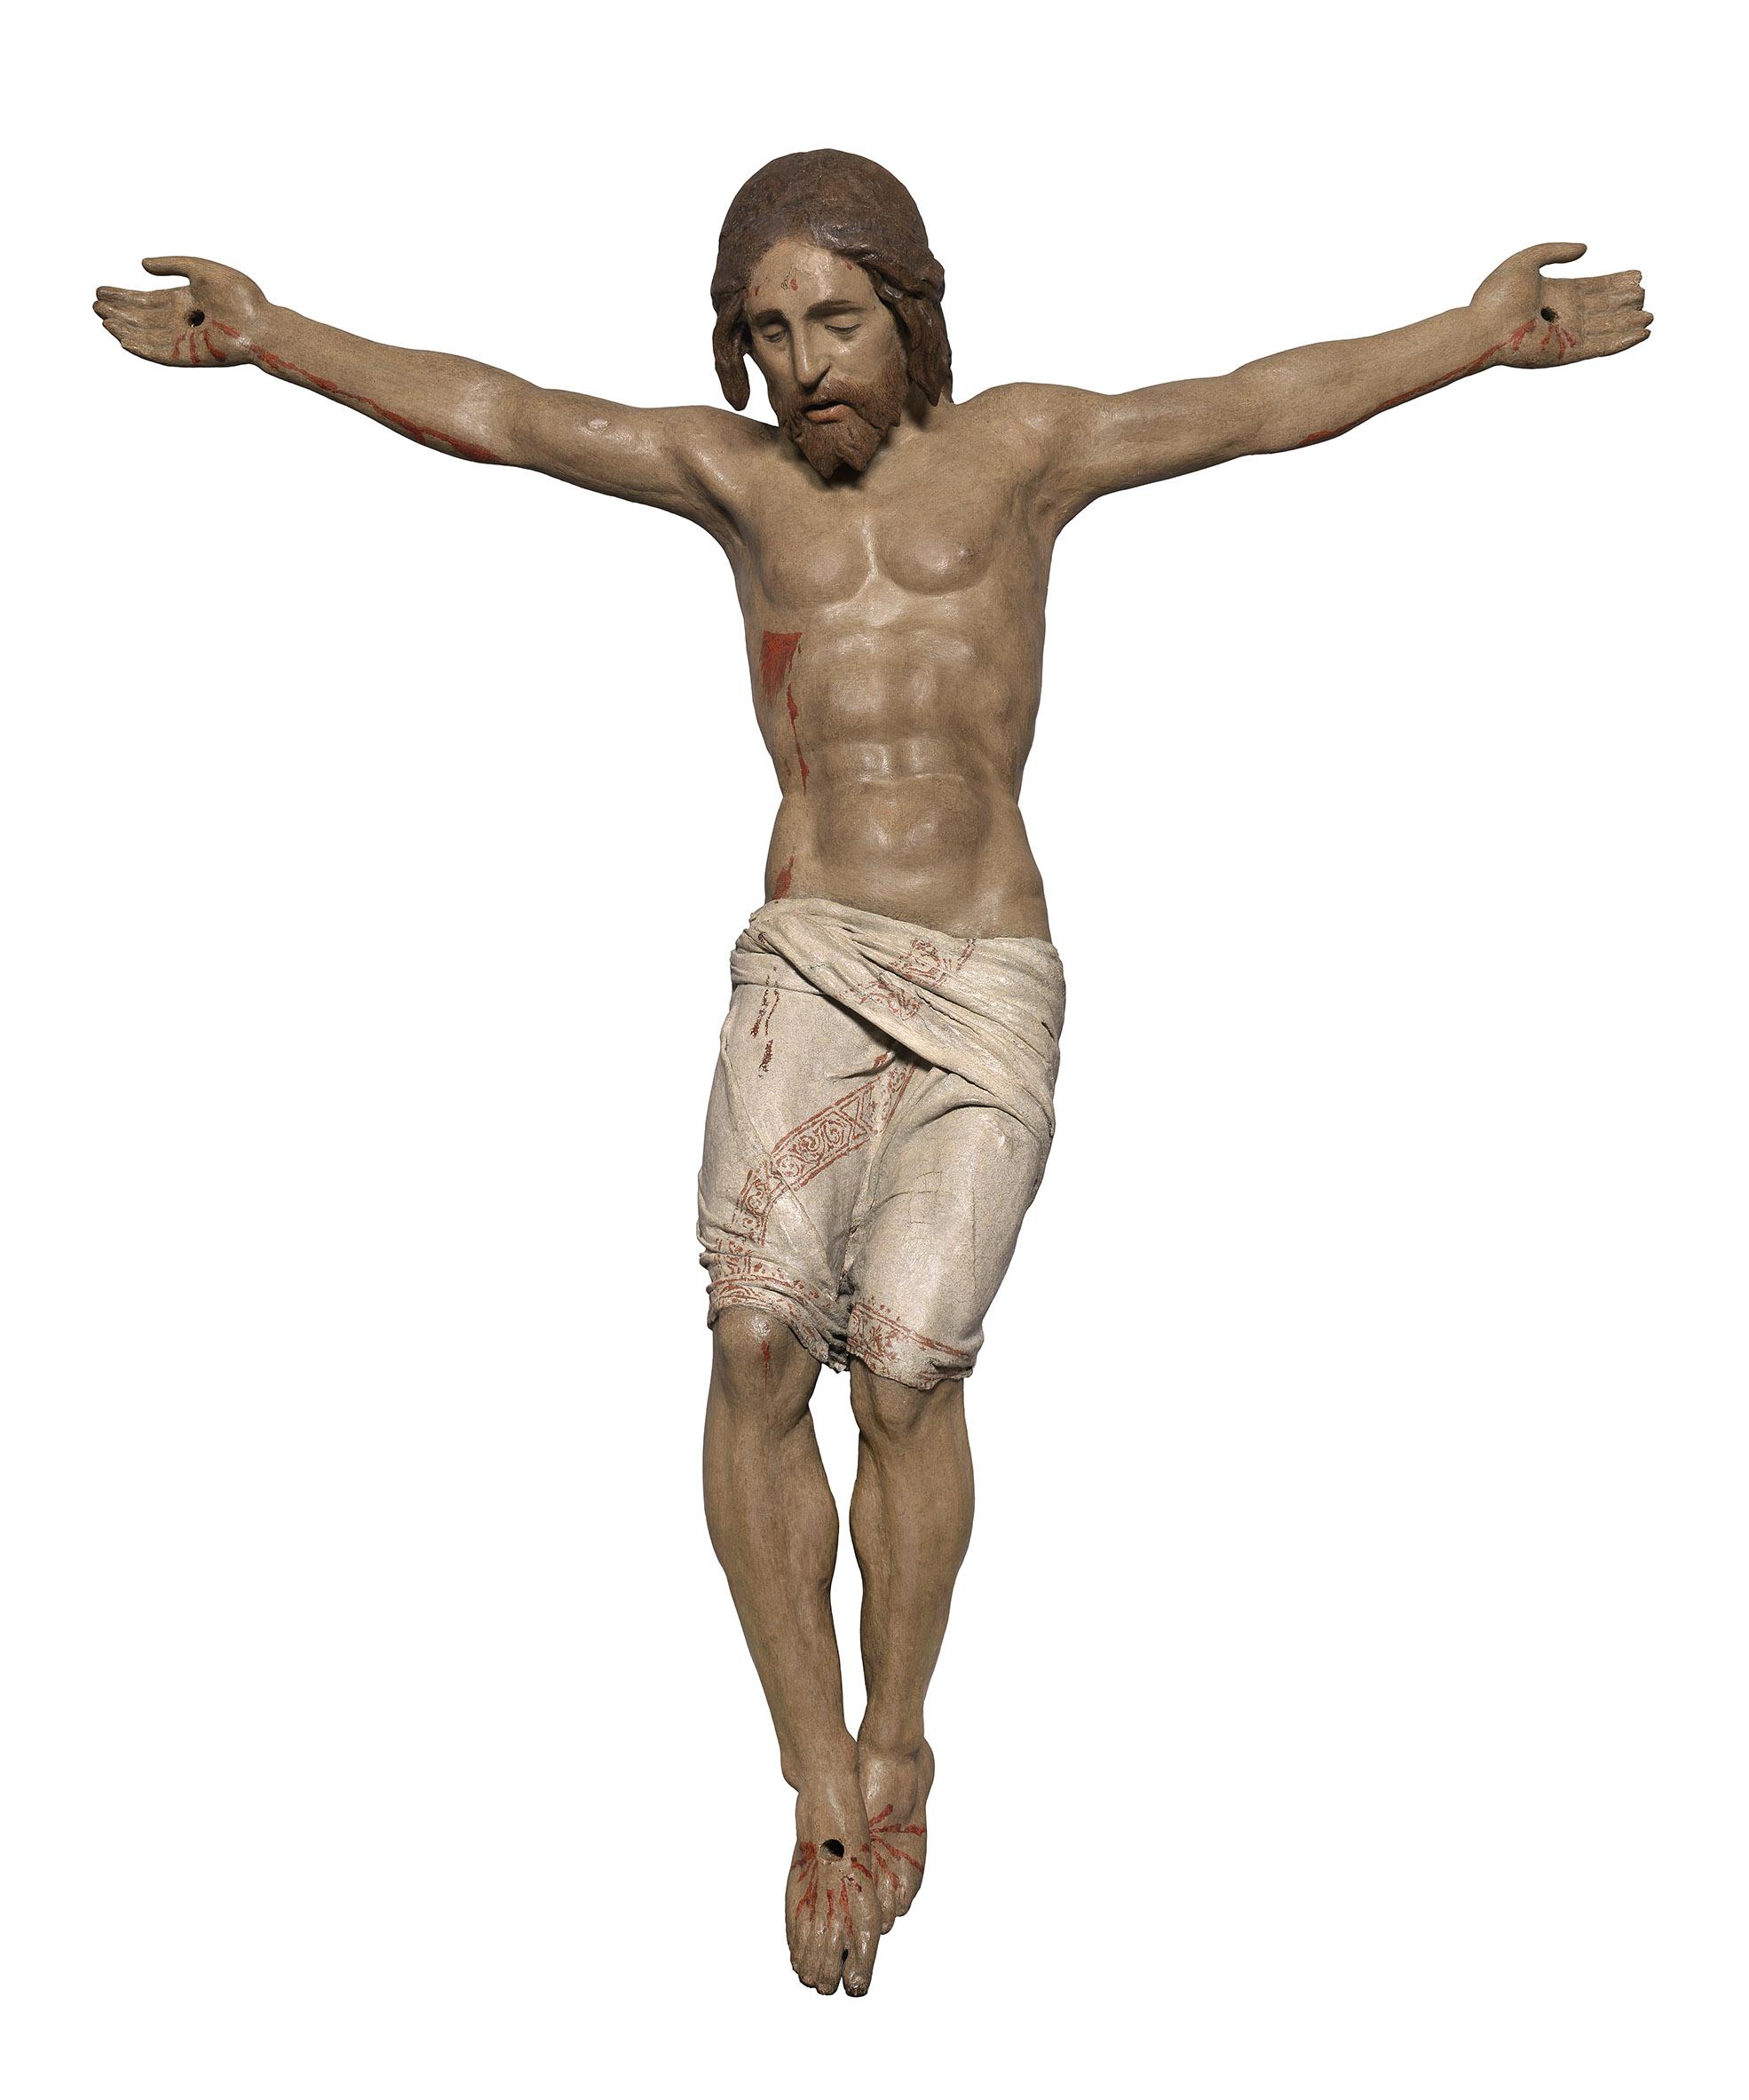 Firenze, studioso conferma l'attribuzione a Donatello di questo crocifisso scoperto nel borgo di Legnaia